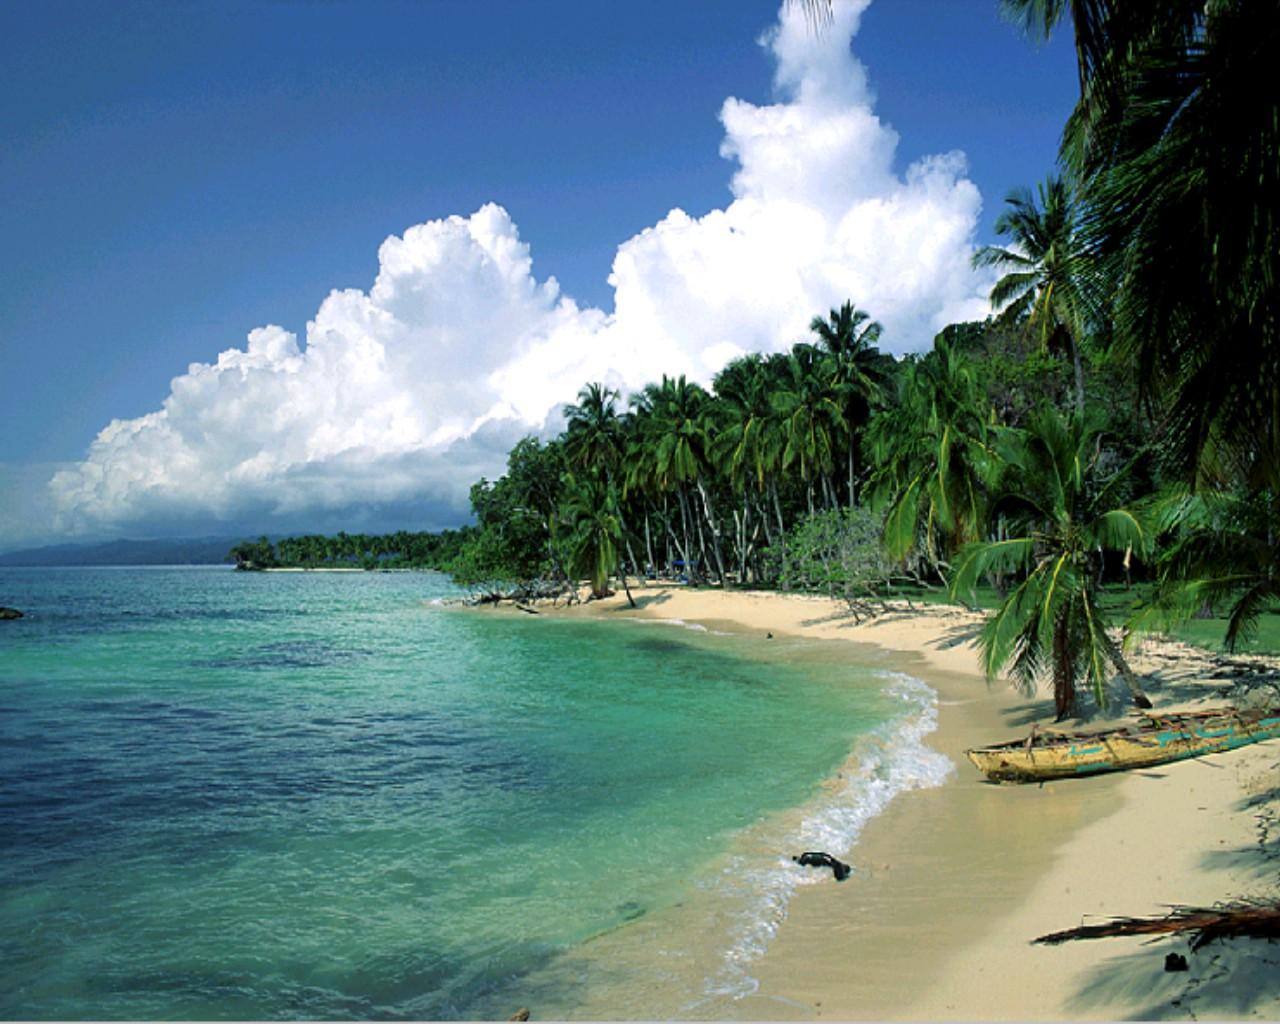 http://3.bp.blogspot.com/-jbwm3R6gGBU/Tn9HGk5wg_I/AAAAAAAAAUI/pD6-5kfv15Q/s1600/Beach-Landscape-Wallpaper-Exotic-1280x1024.jpg